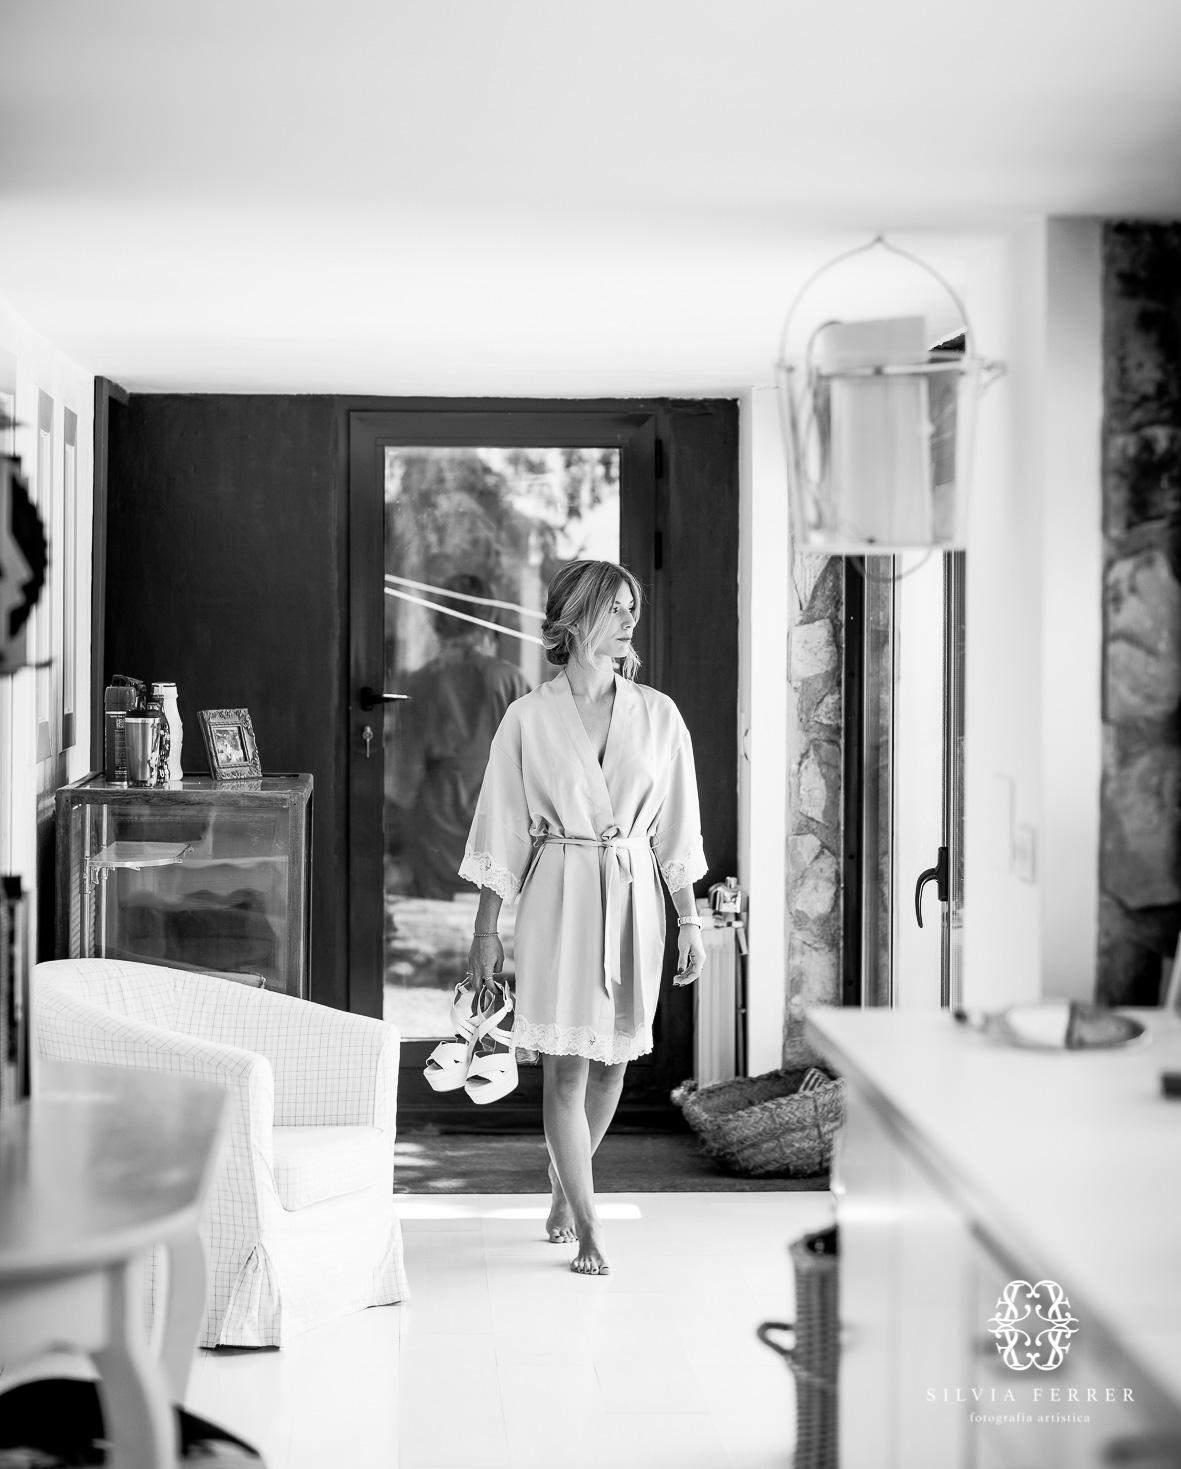 Silvia Ferrer Boda Murcia en tiempos de covid